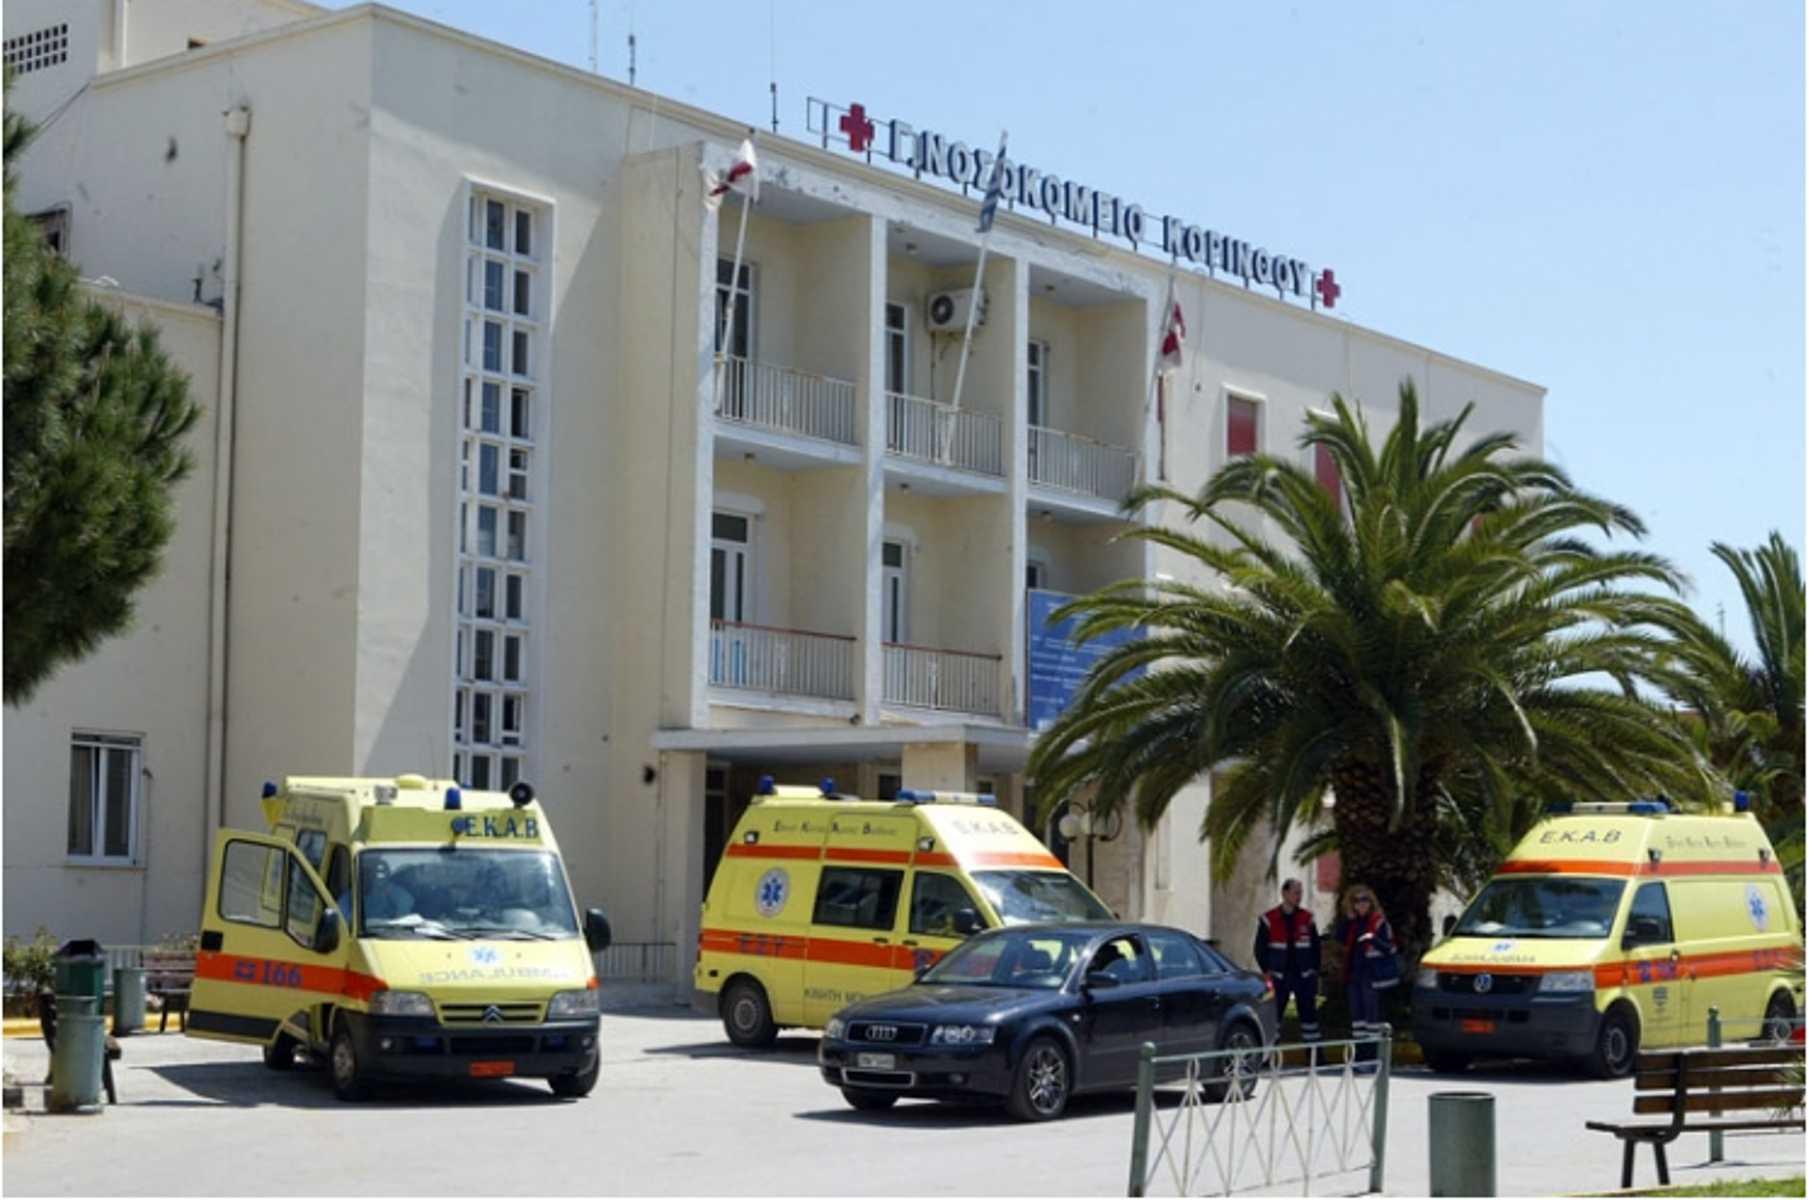 Πανικός στο νοσοκομείο Κορίνθου: Άνδρας έπεσε από τον 2ο όροφο